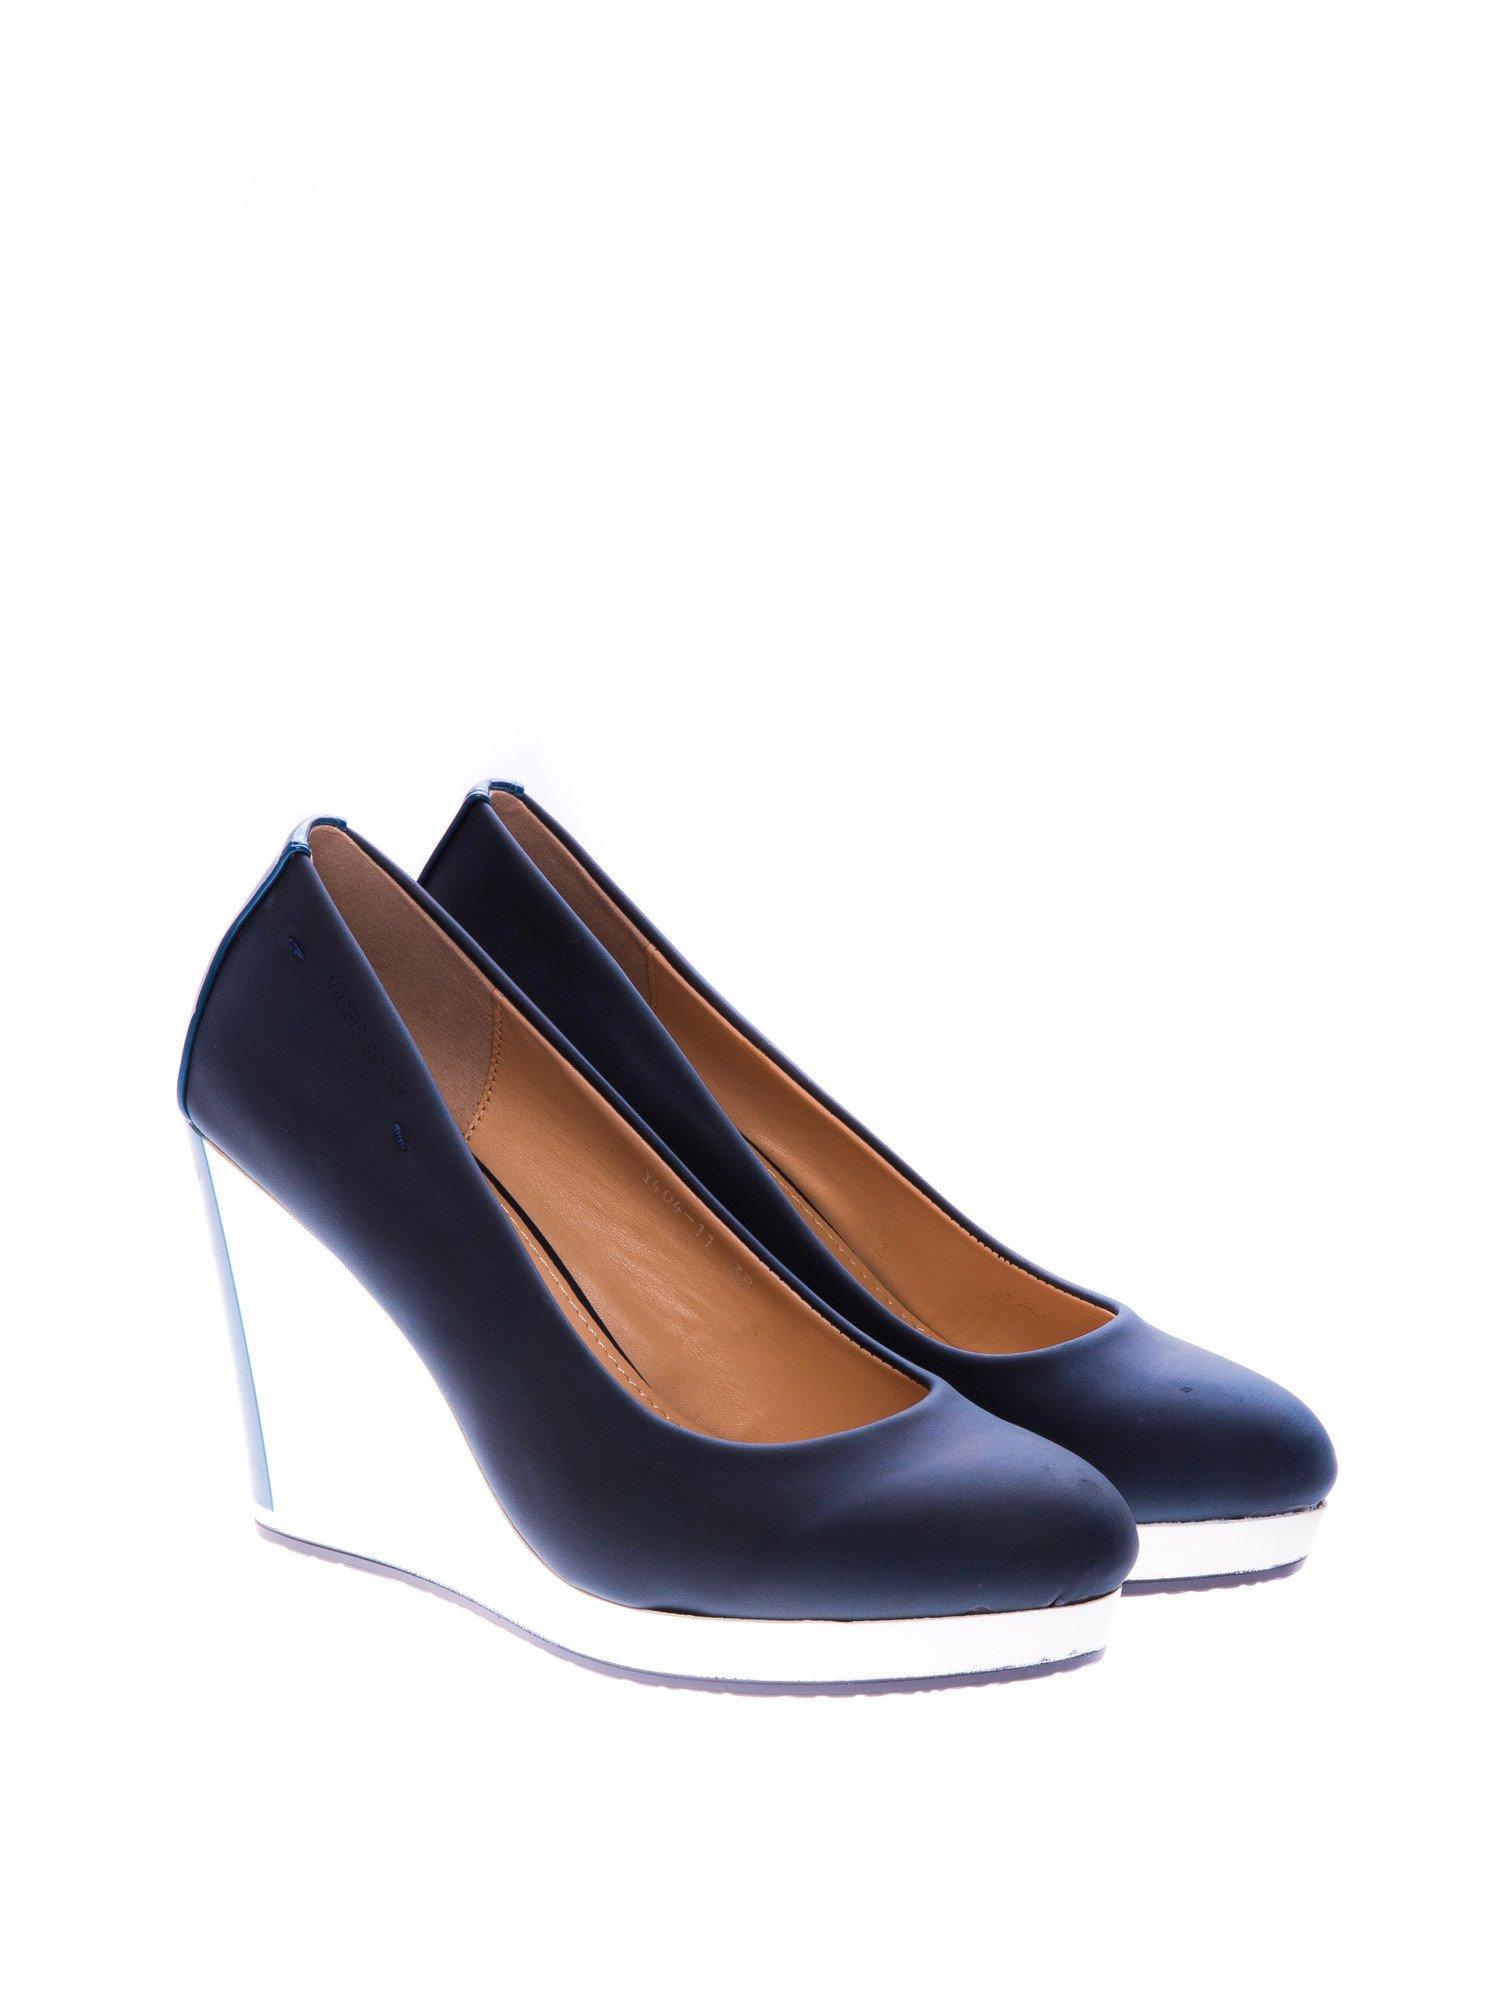 Granatowe buty na koturnie w sportowym stylu                                  zdj.                                  2